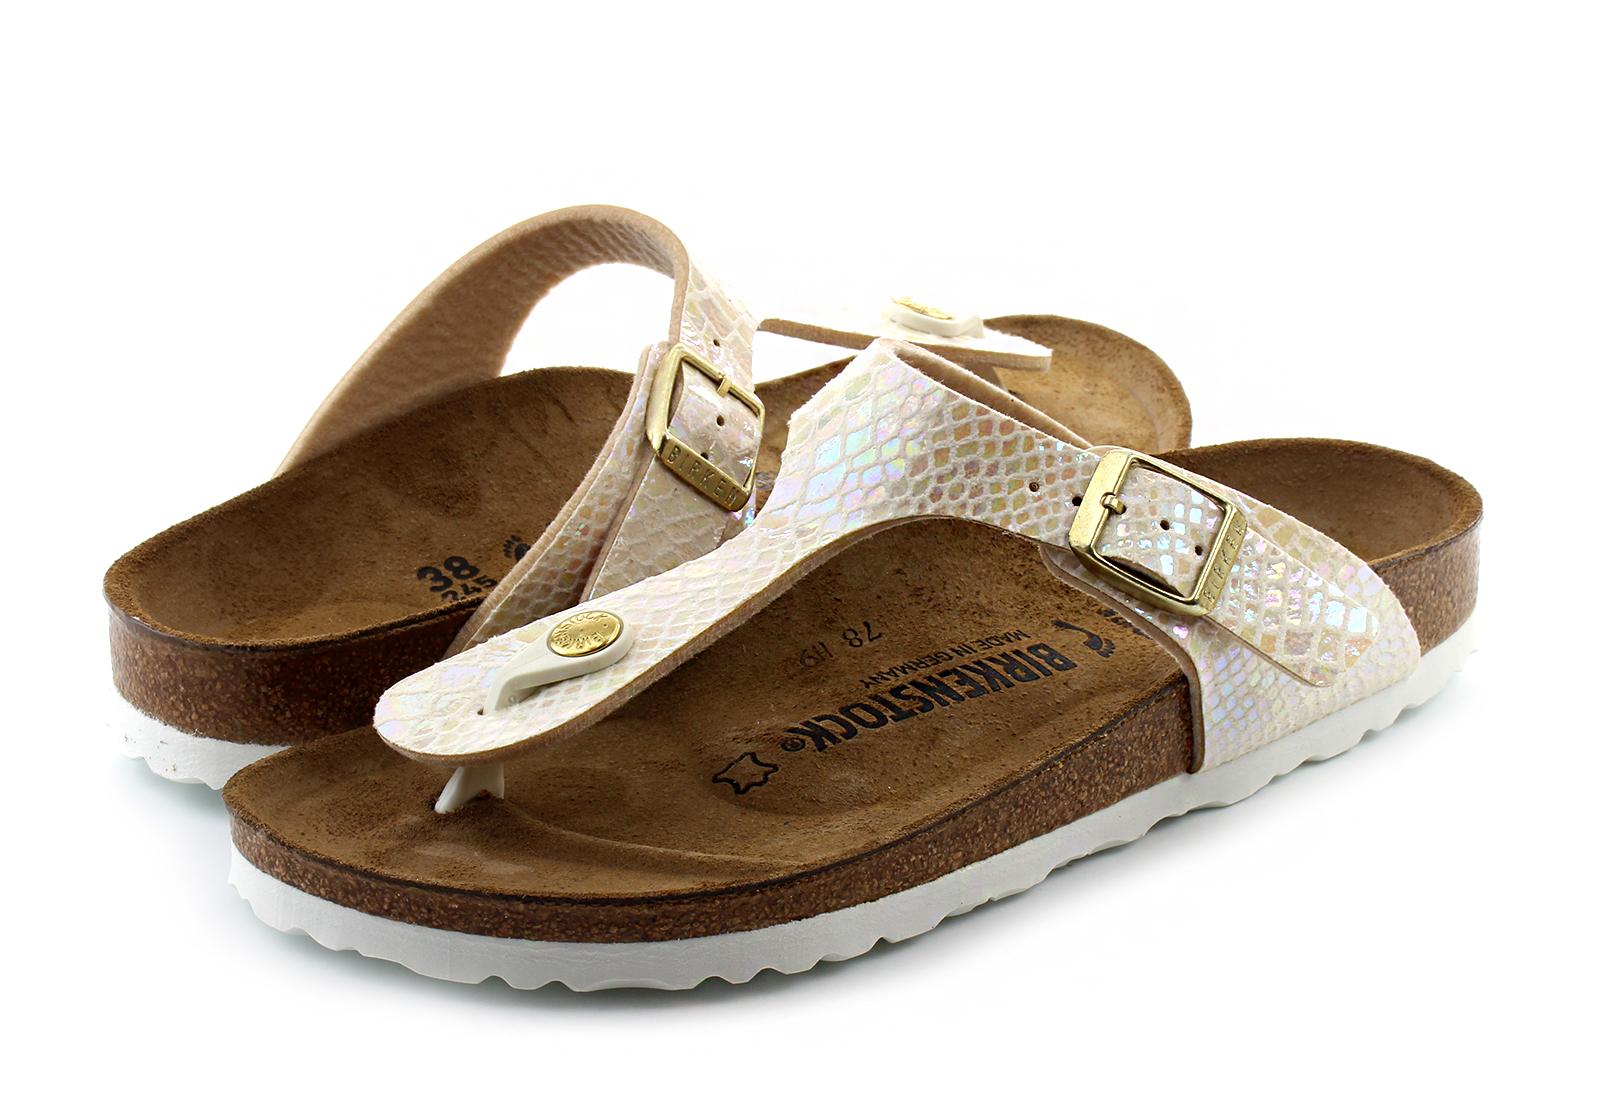 birkenstock slippers gizeh 847433 cre online shop. Black Bedroom Furniture Sets. Home Design Ideas